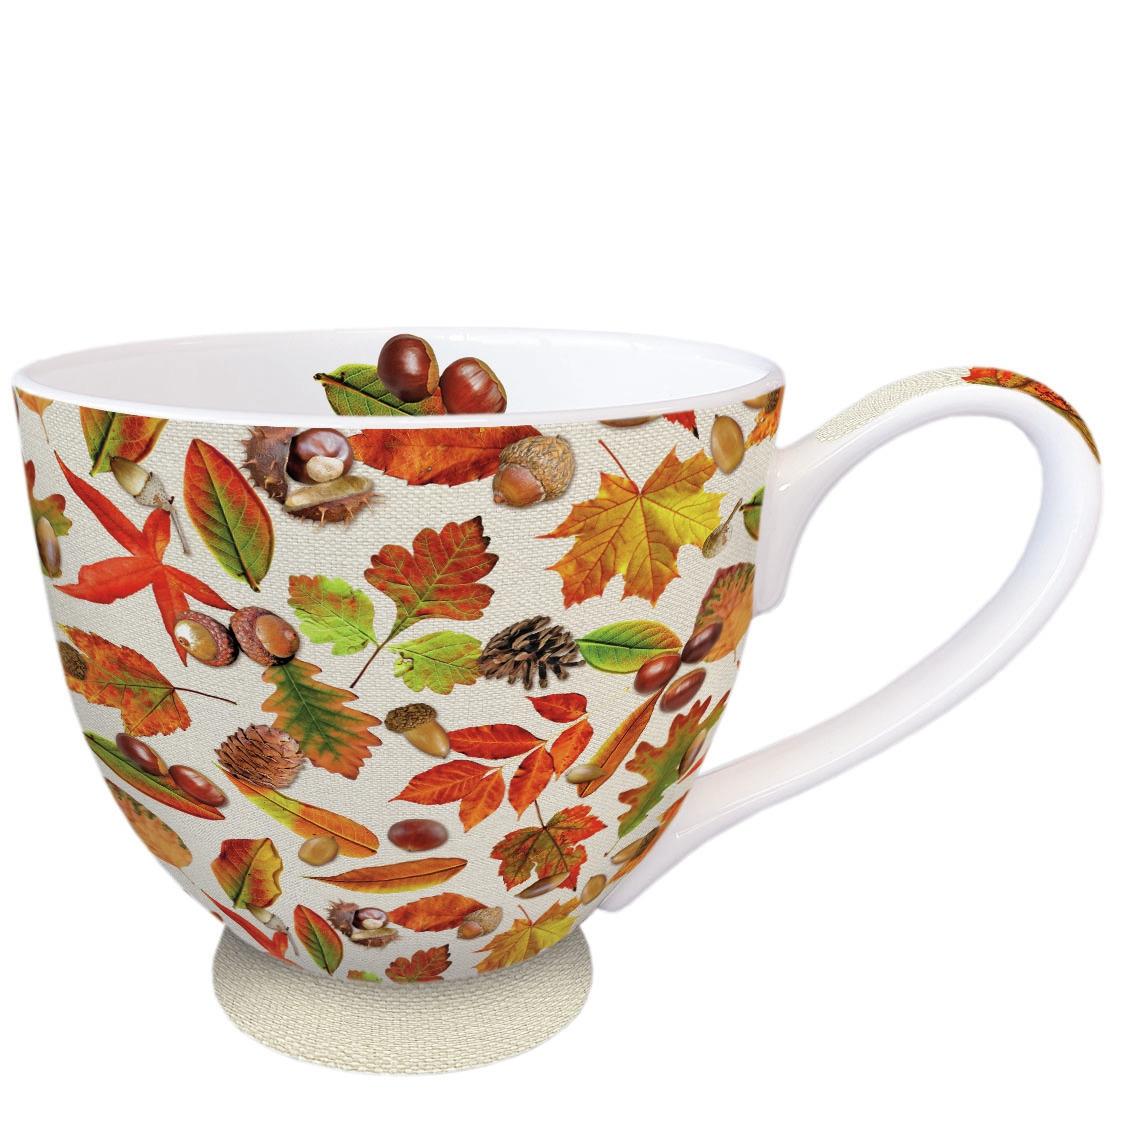 Tazza di porcellana -  Autumn Festival